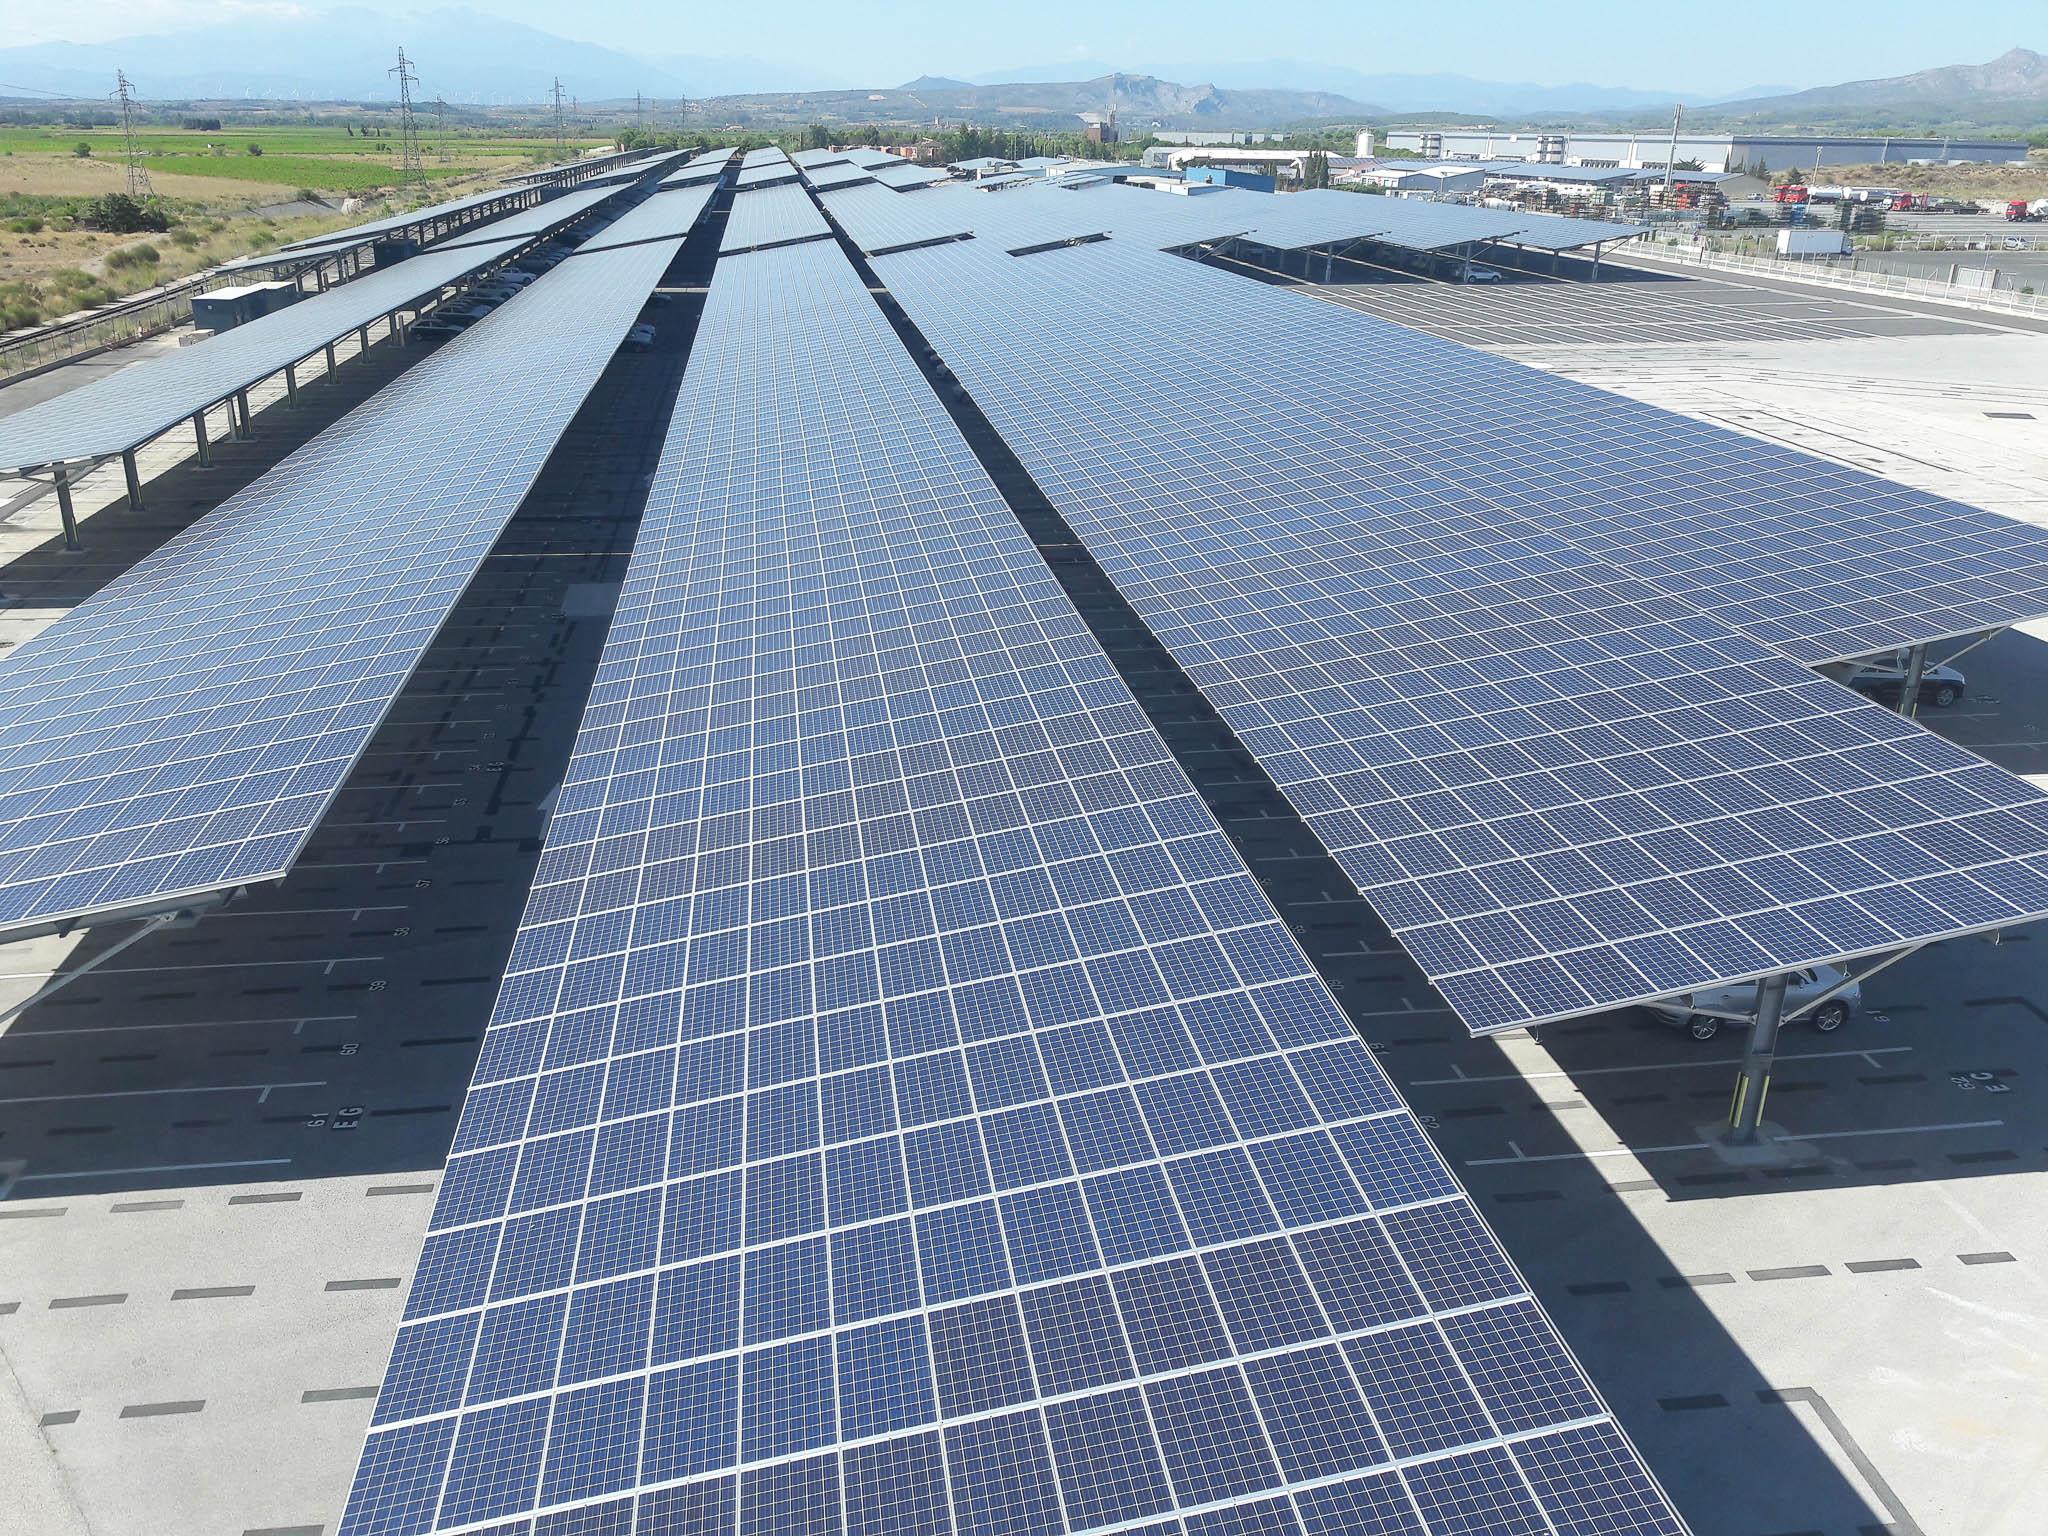 ombrières photovoltaîques rivesaltes parc de stockage véhicules